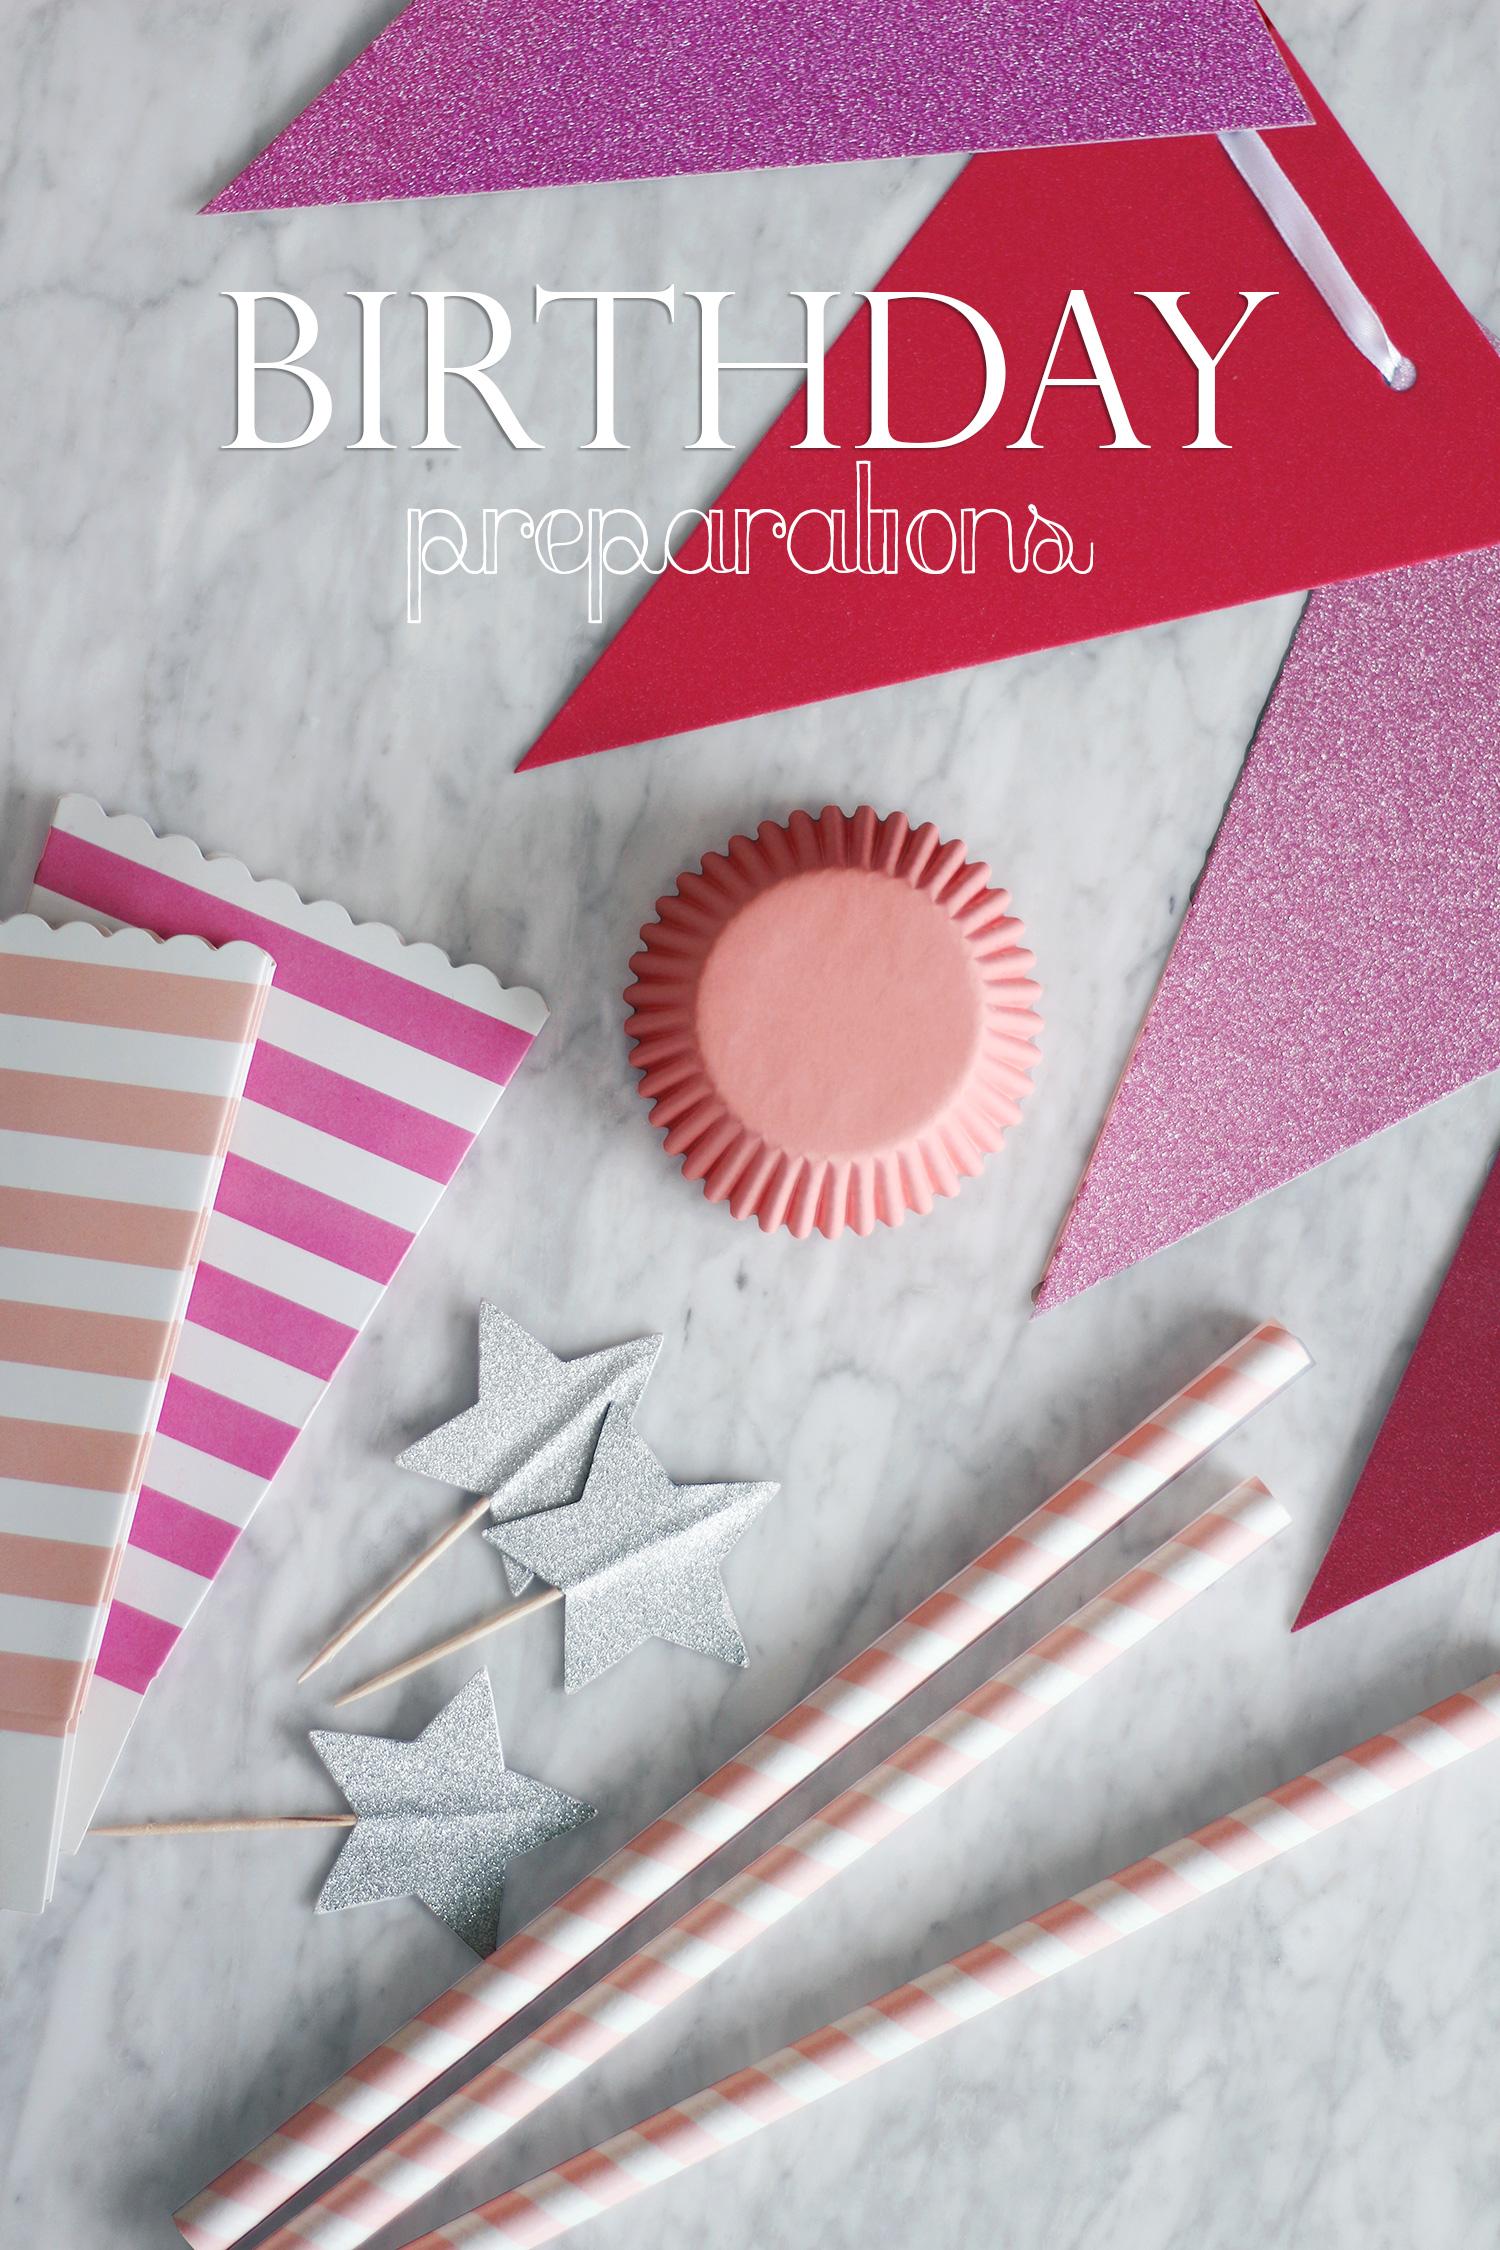 birthday-ideas@2x